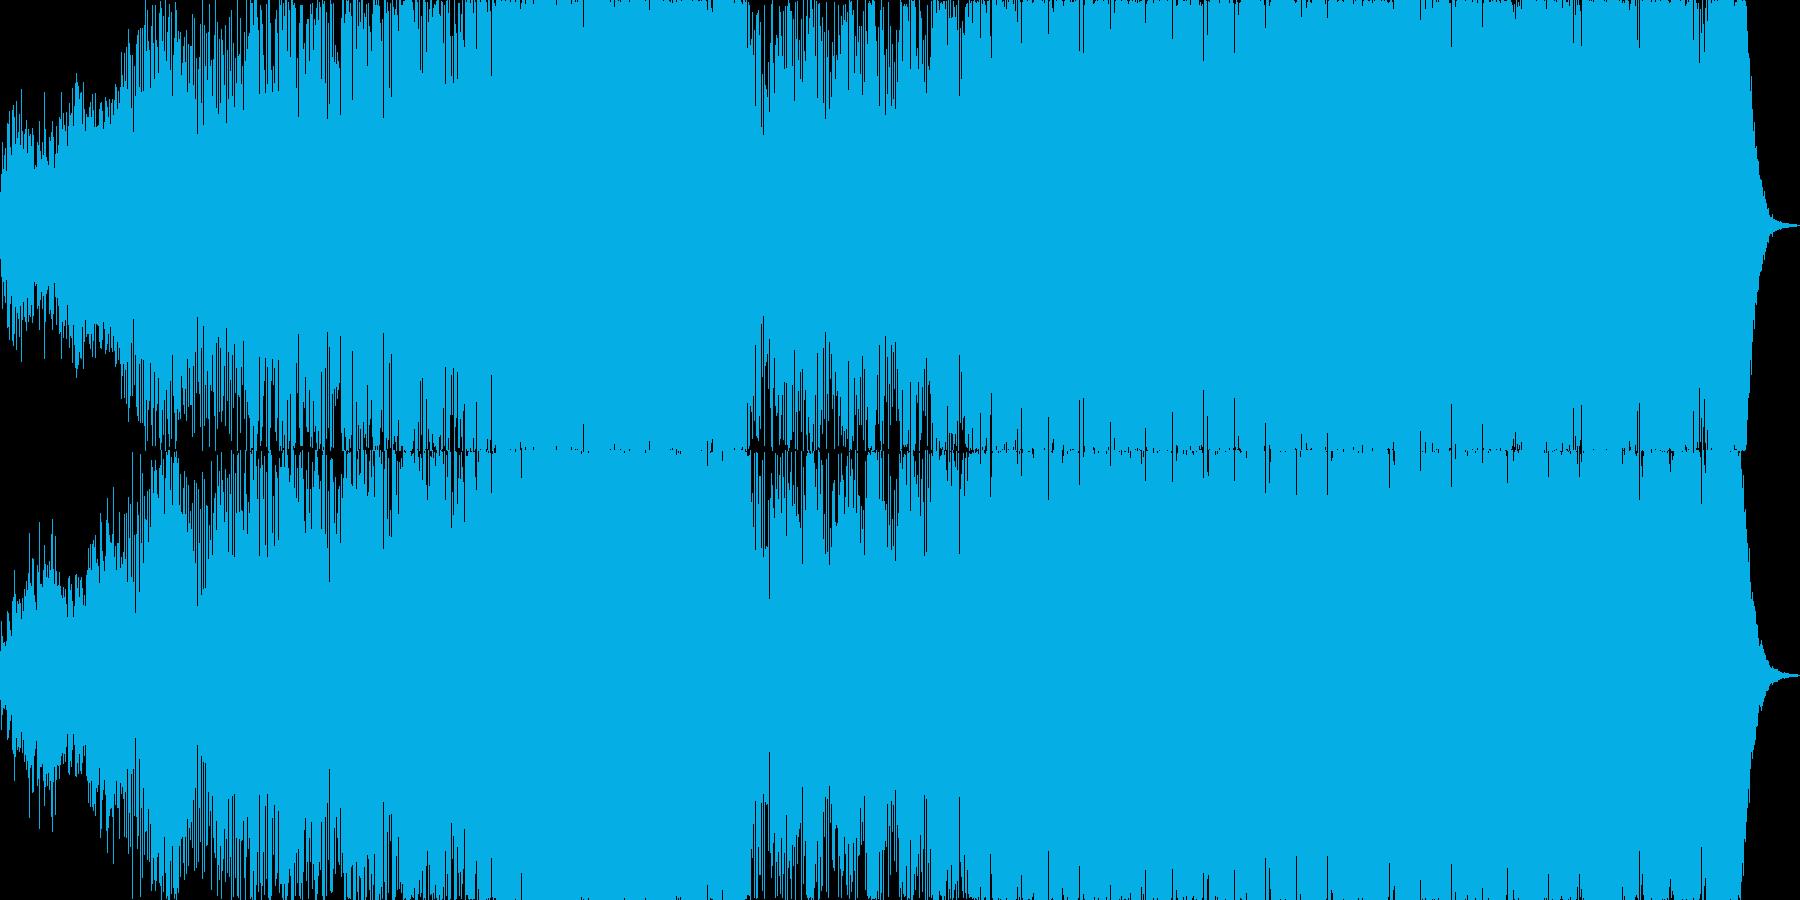 近未来感溢れるトランス/エレクトロニカの再生済みの波形